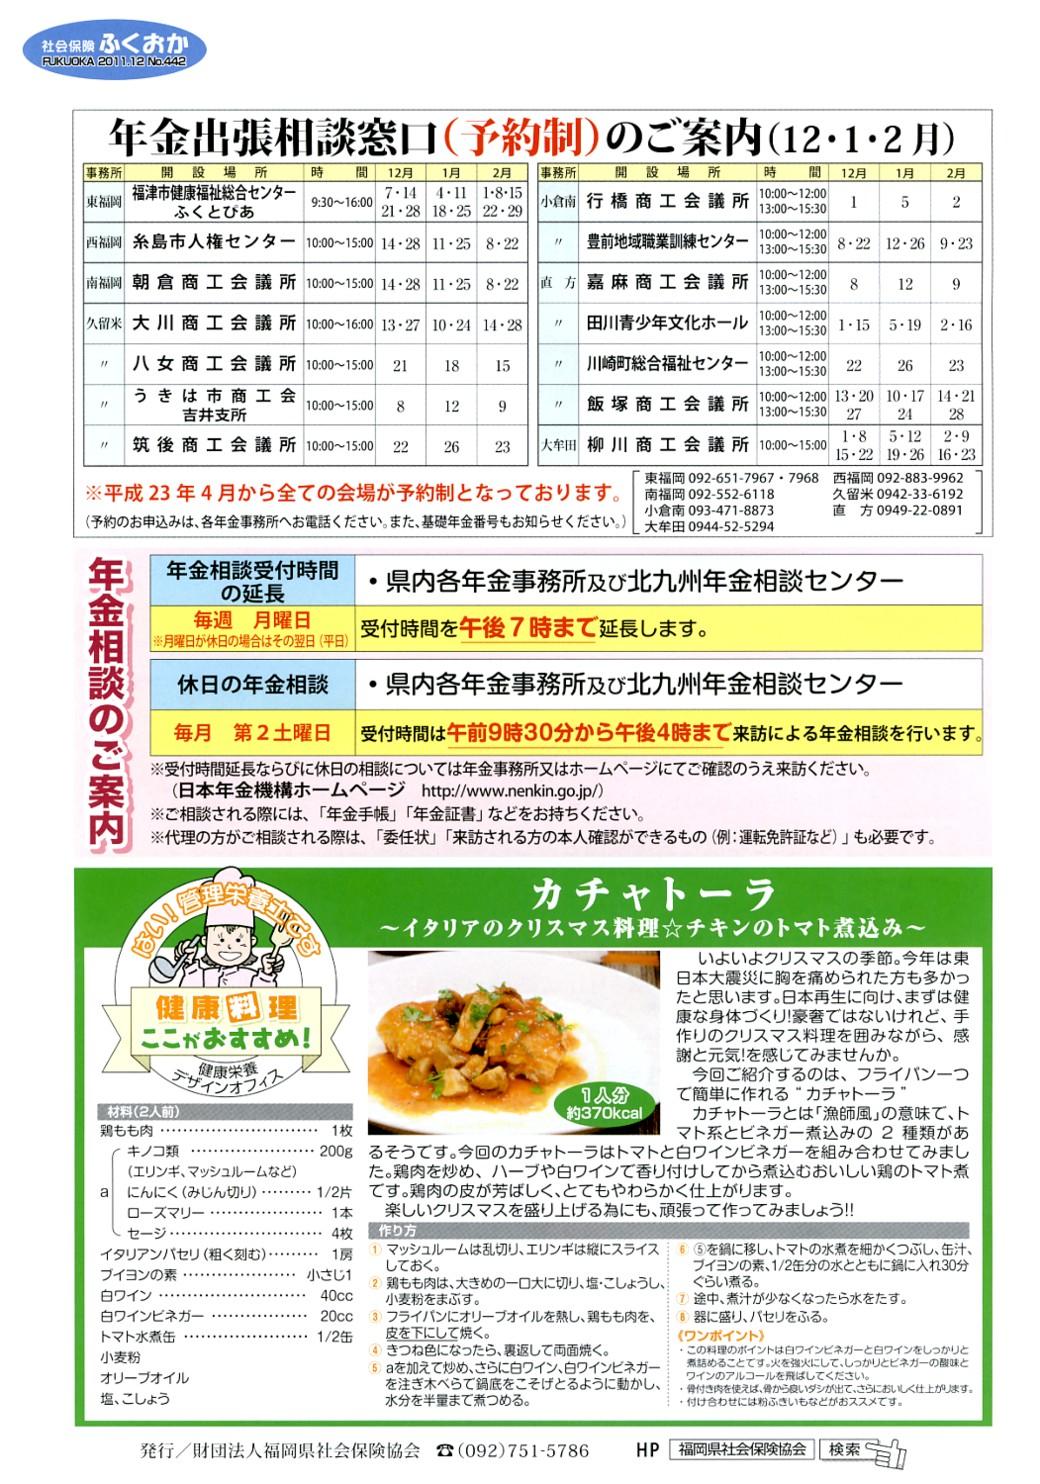 社会保険 ふくおか 2011 12月号_f0120774_14213796.jpg